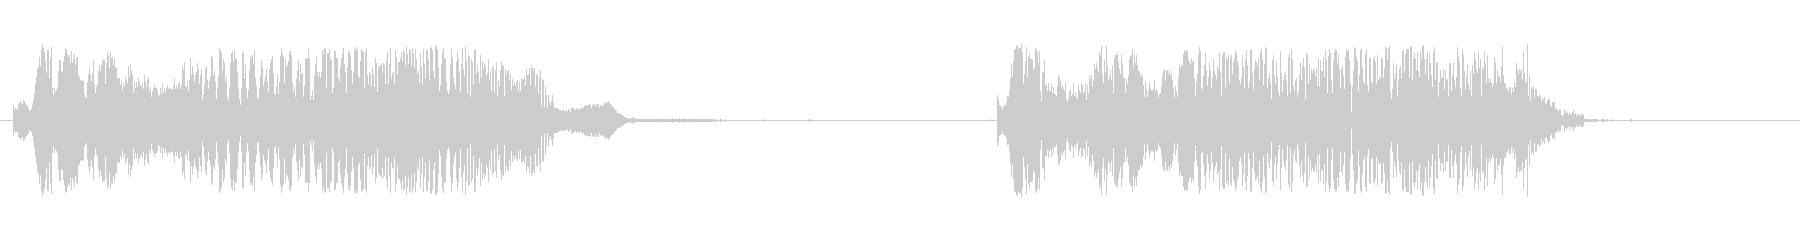 イーグルスクリーム、カウx2の未再生の波形